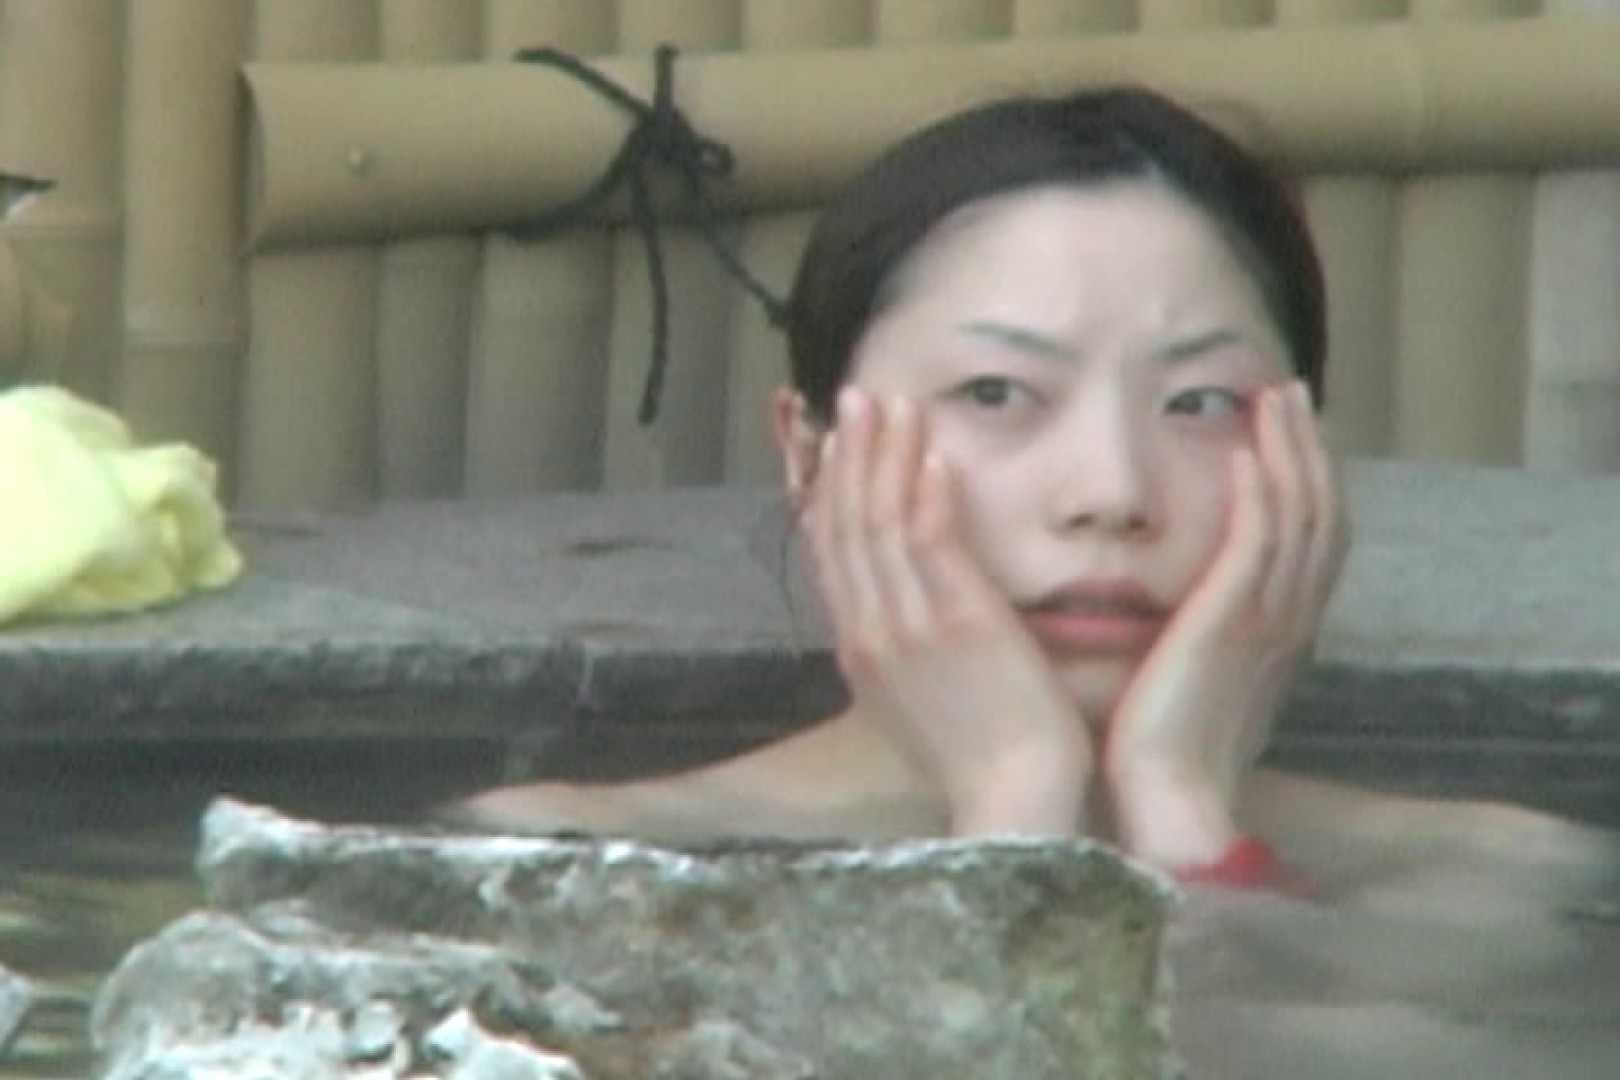 Aquaな露天風呂Vol.596 盗撮シリーズ  113PIX 4